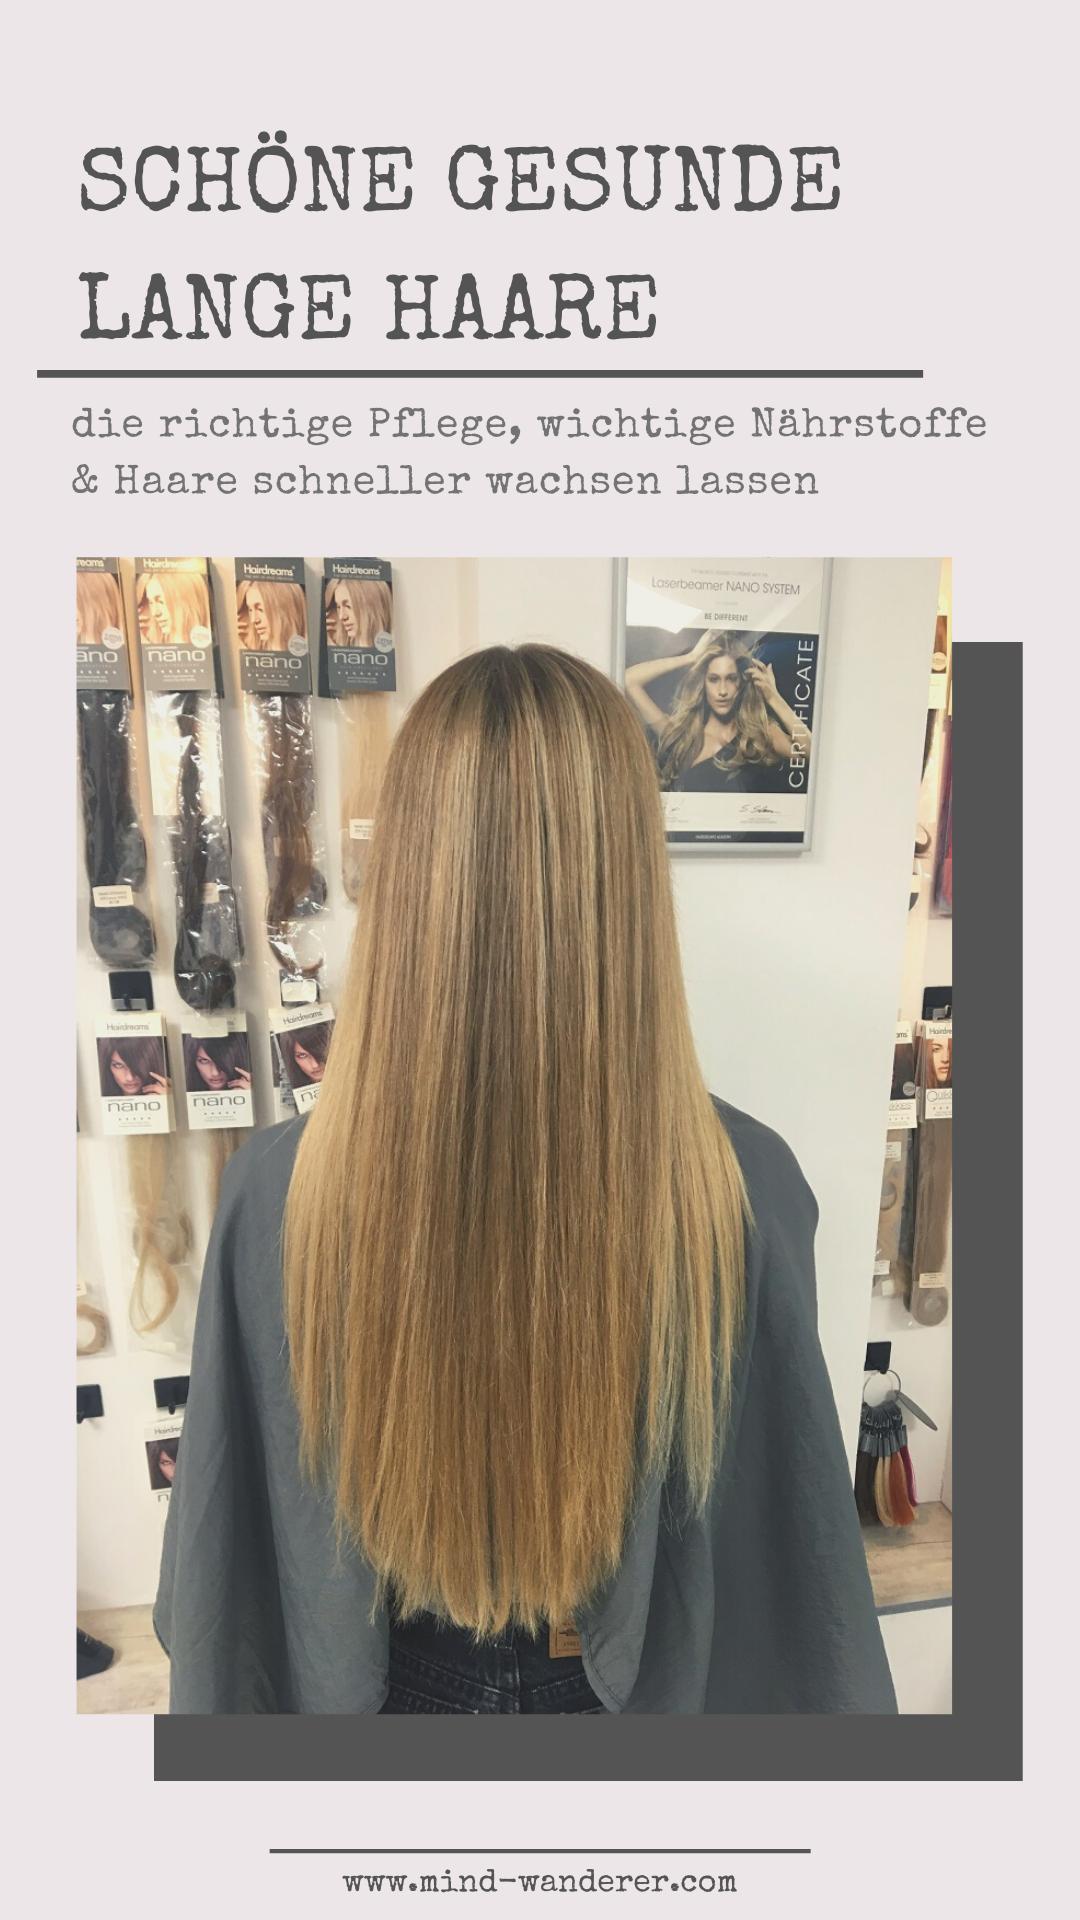 Wordpress Com Gesunde Lange Haare Lange Haare Wachsen Lassen Lange Haare